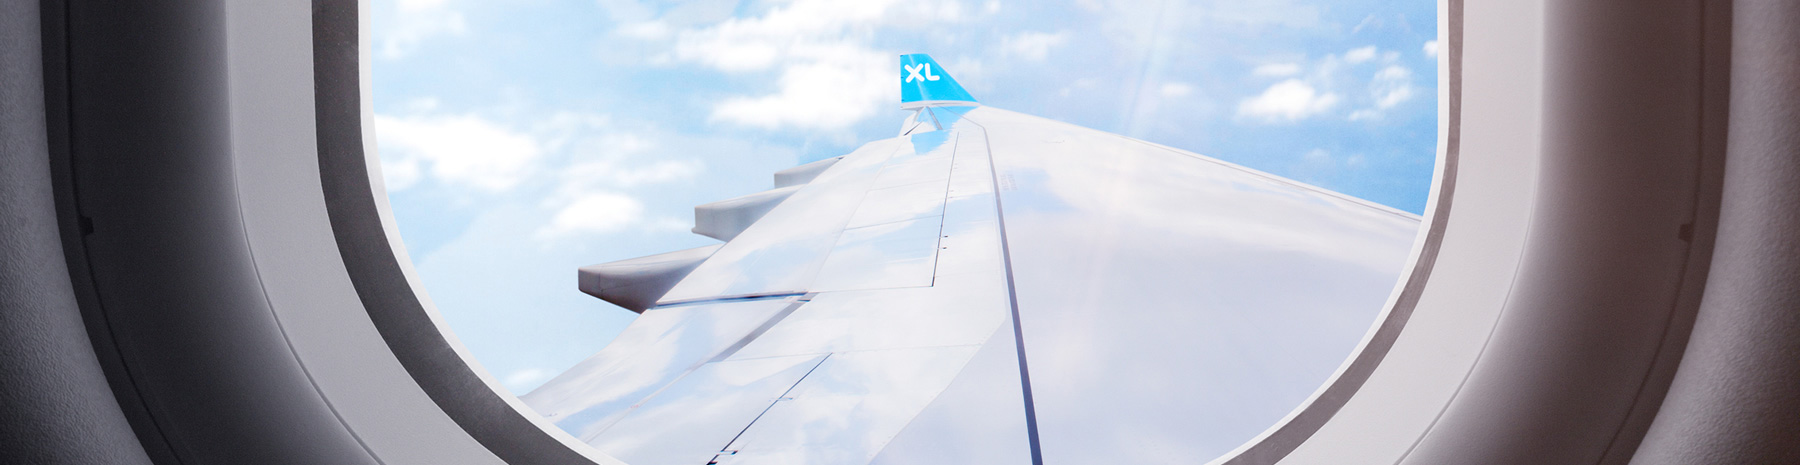 XL-hublot_aile